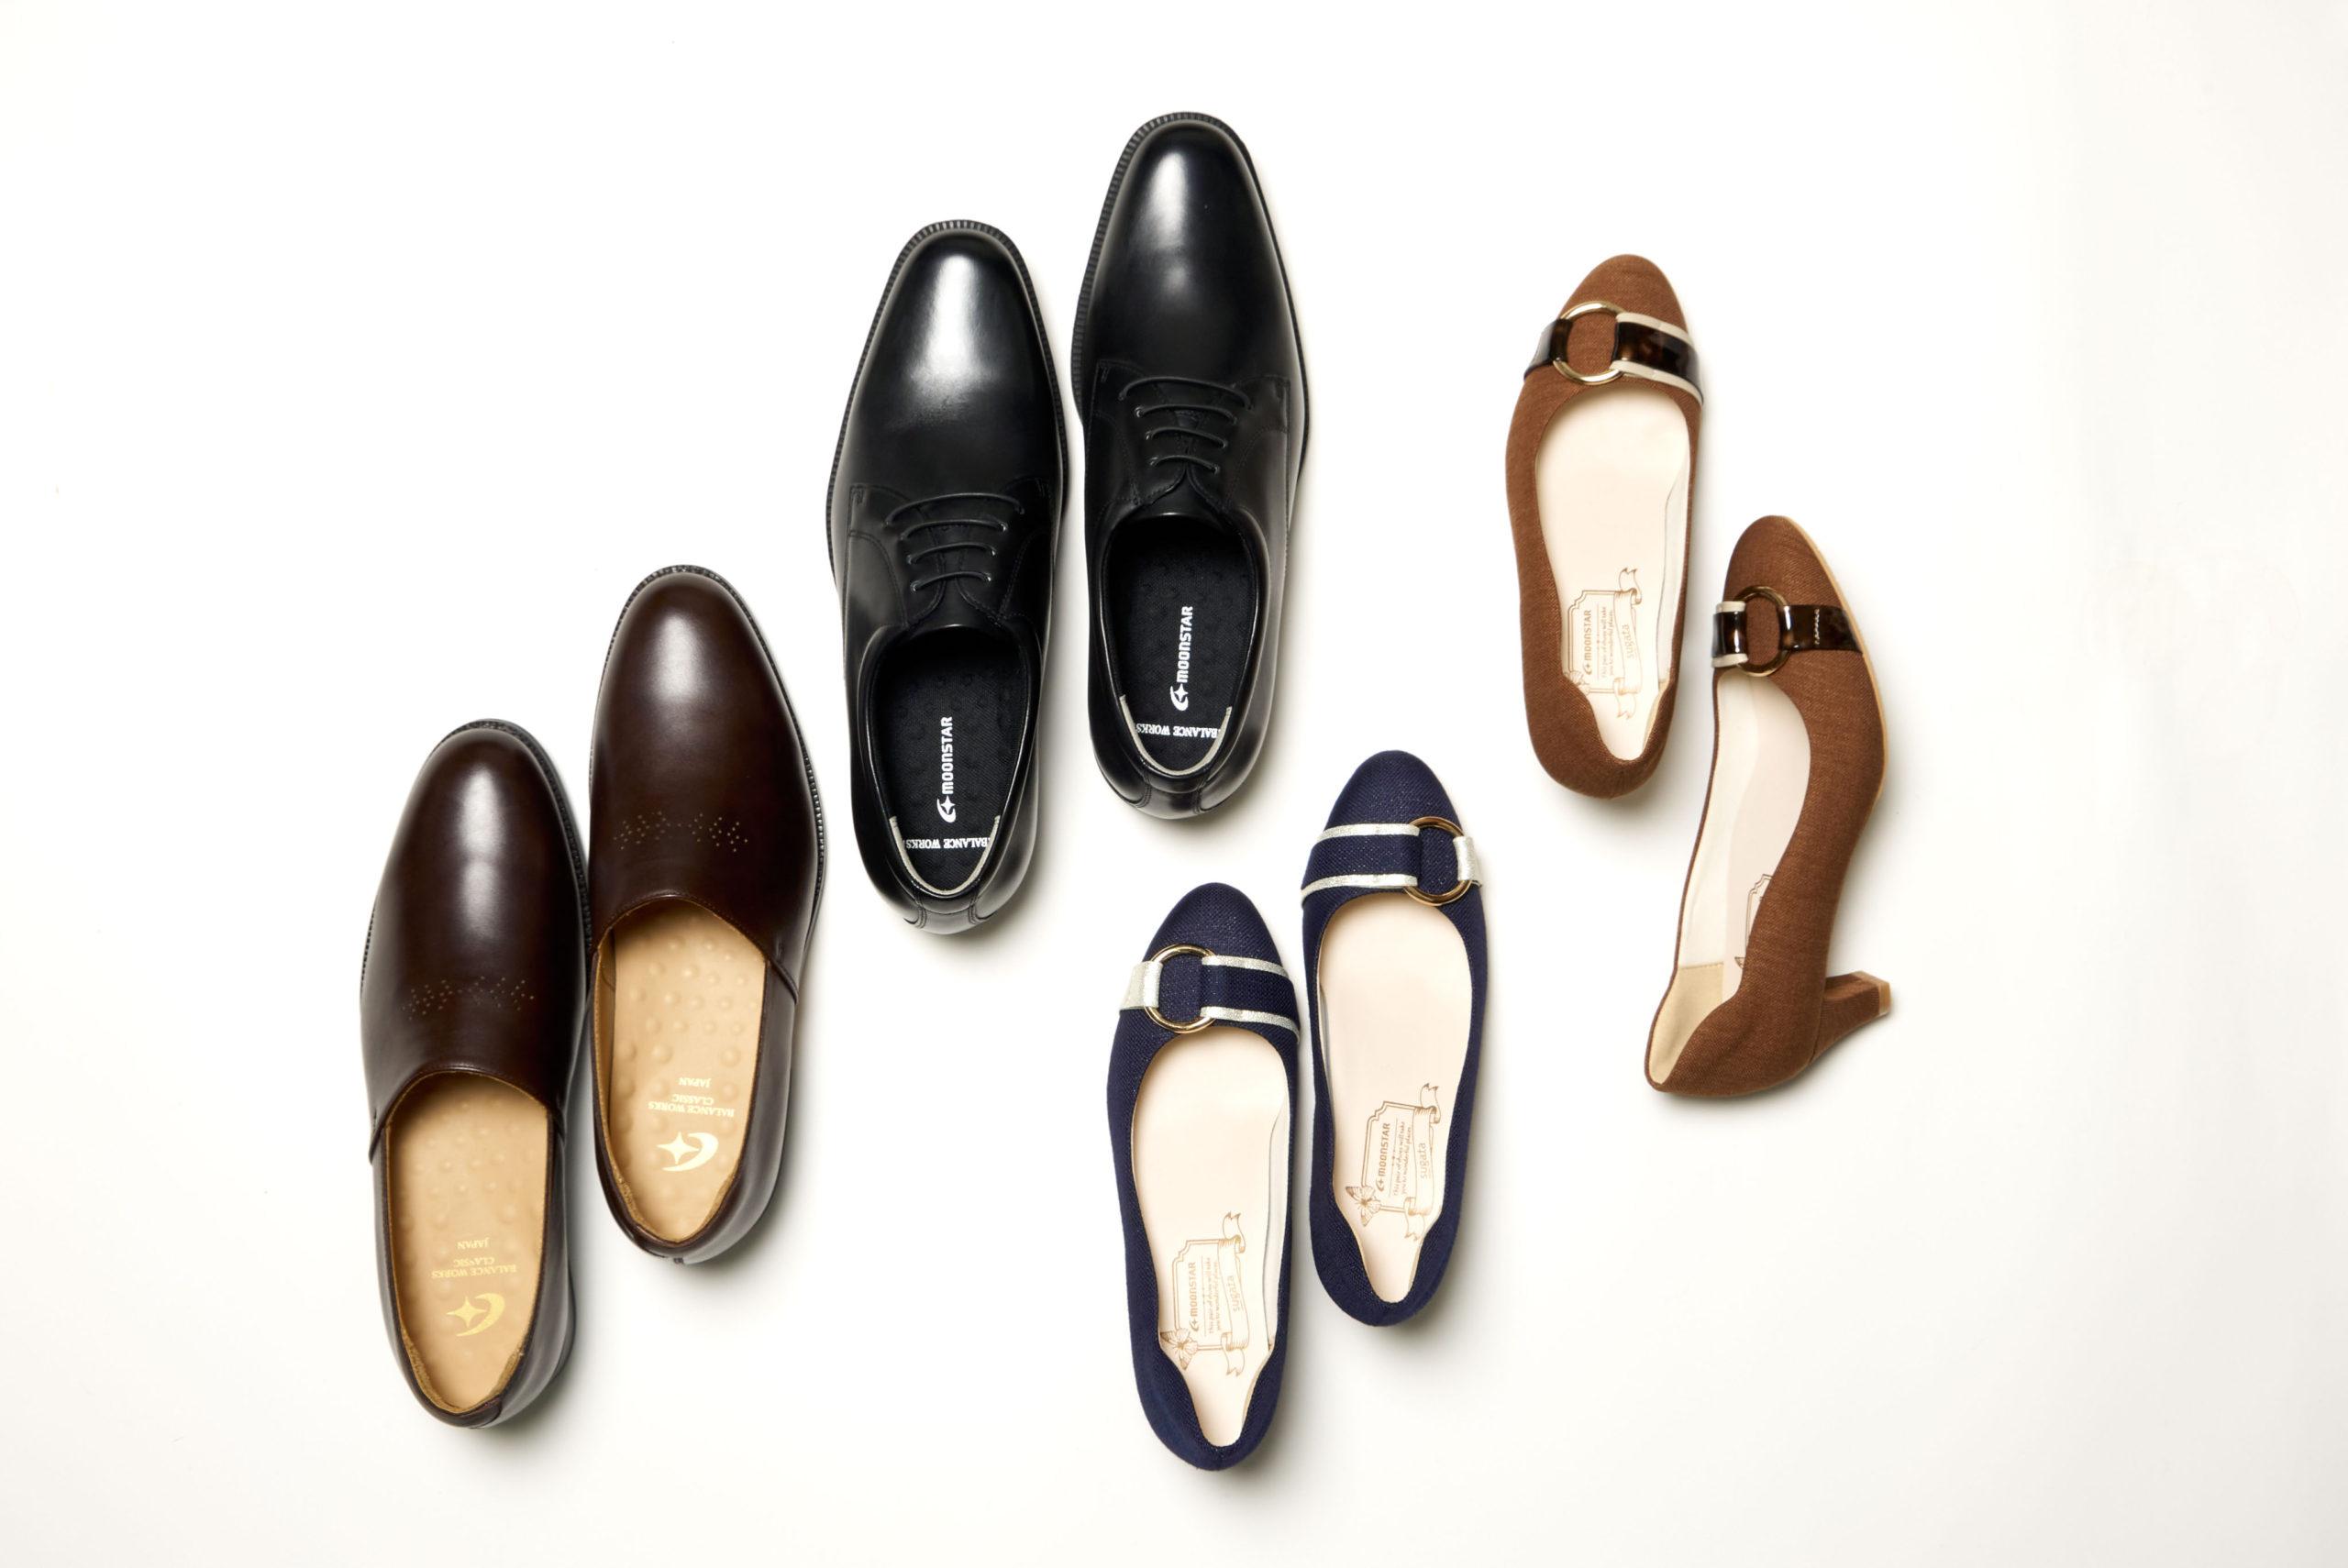 """ビジネスシーンをより快適に!ムーンスターの""""働き靴"""" 「バランスワークス」「スガタ」の快適機能を解剖!!"""